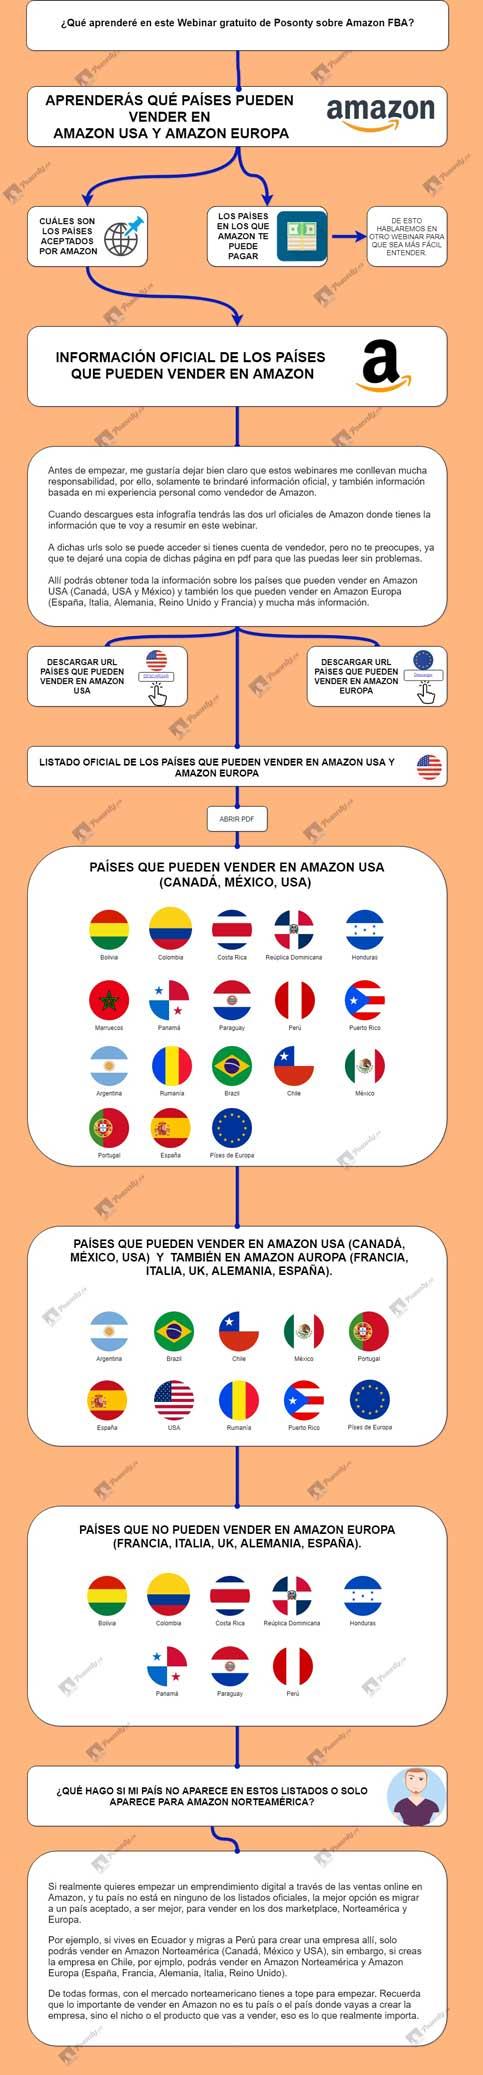 Países-que-pueden-vender-en-amazon